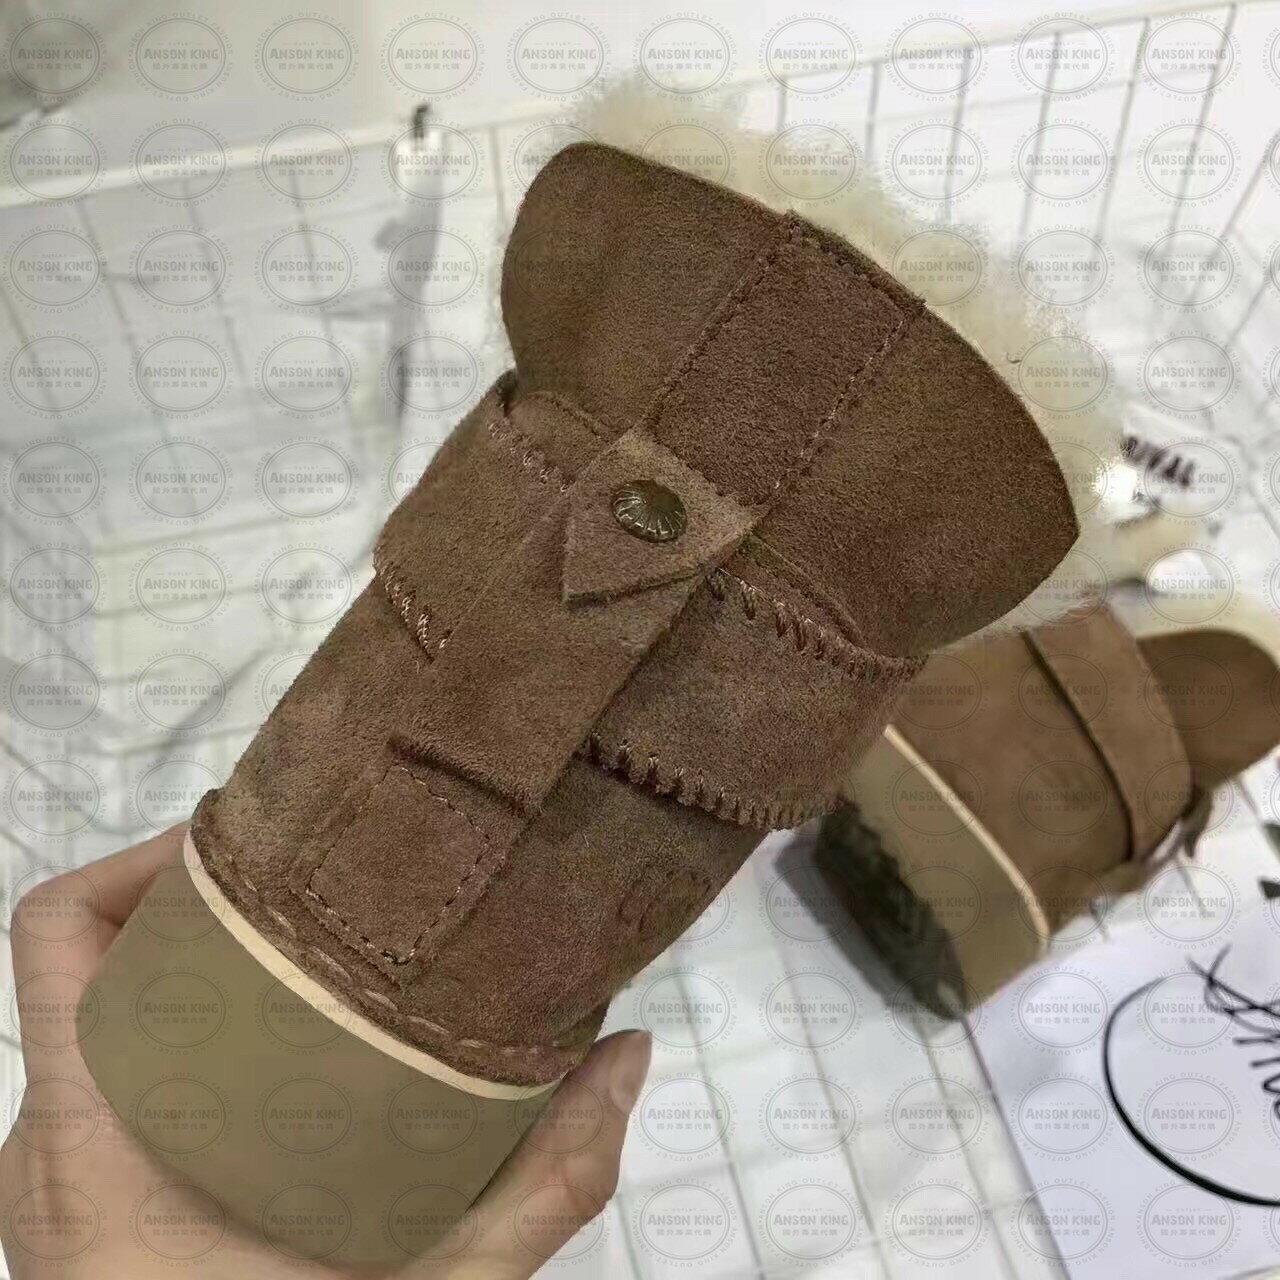 OUTLET正品代購 澳洲 UGG 羊皮毛一體馬汀靴 中長靴 保暖 真皮羊皮毛 雪靴 短靴 棕色 3